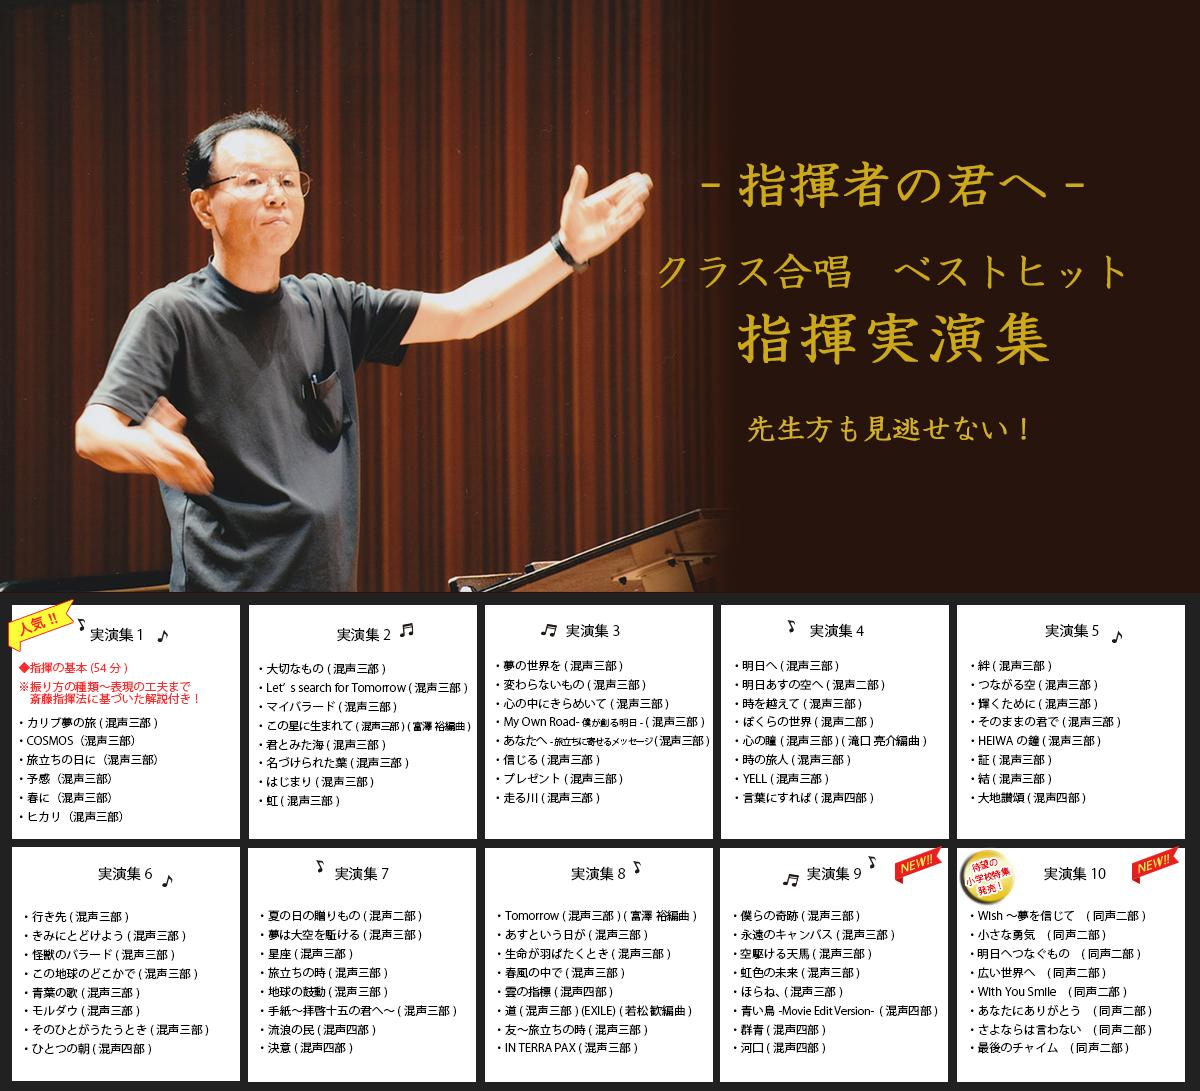 塚田真夫の指揮実演集